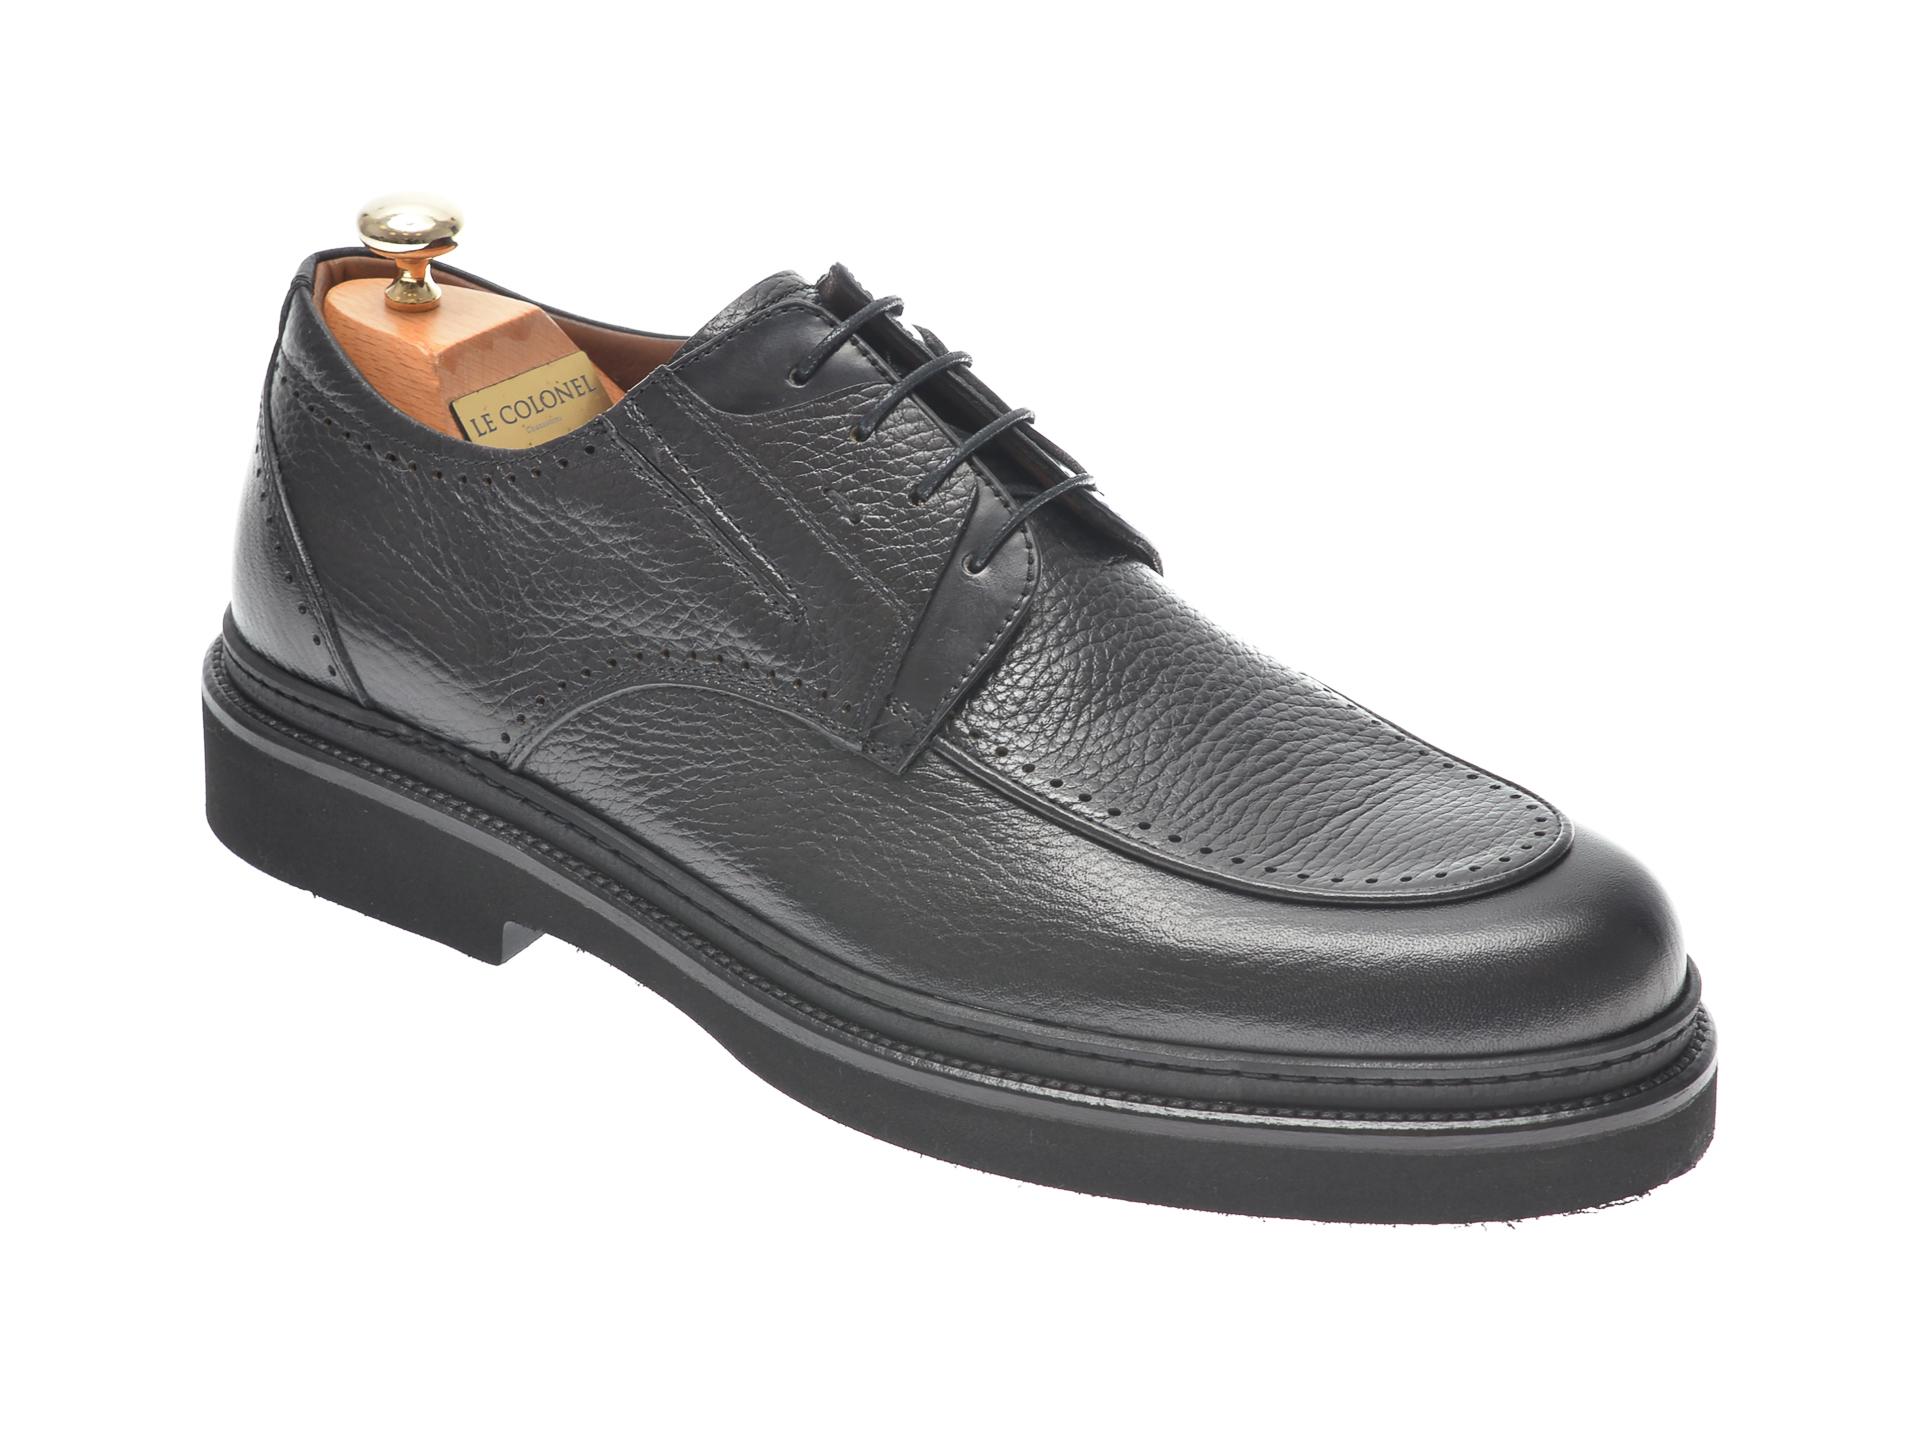 Pantofi LE COLONEL negri, 61603, din piele naturala imagine otter.ro 2021